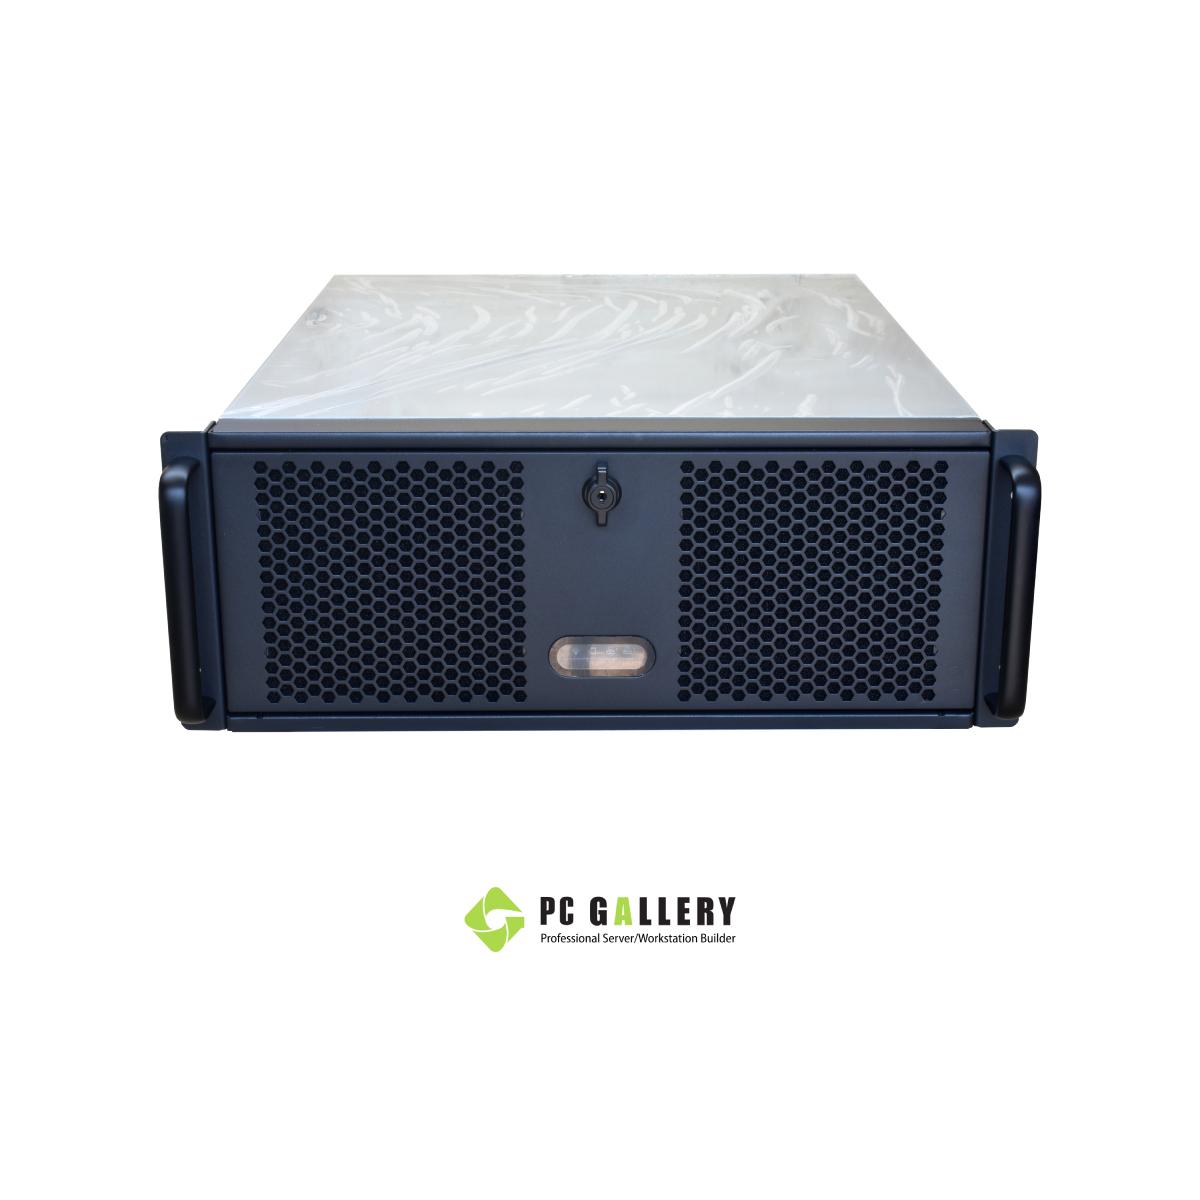 TGC 4550MG2-01